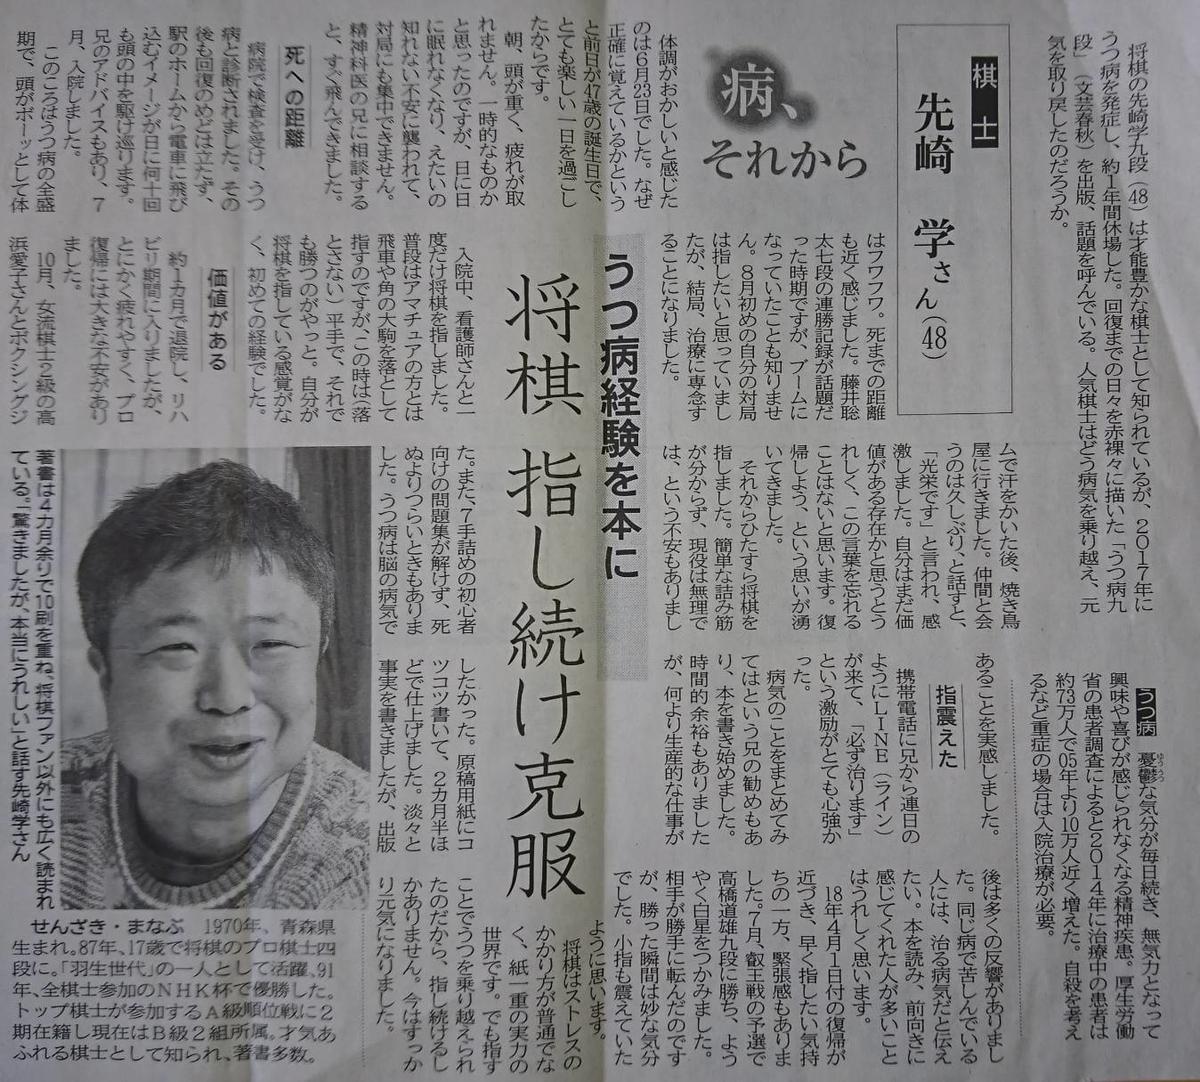 f:id:kazura-kobayashi:20200726103821j:plain